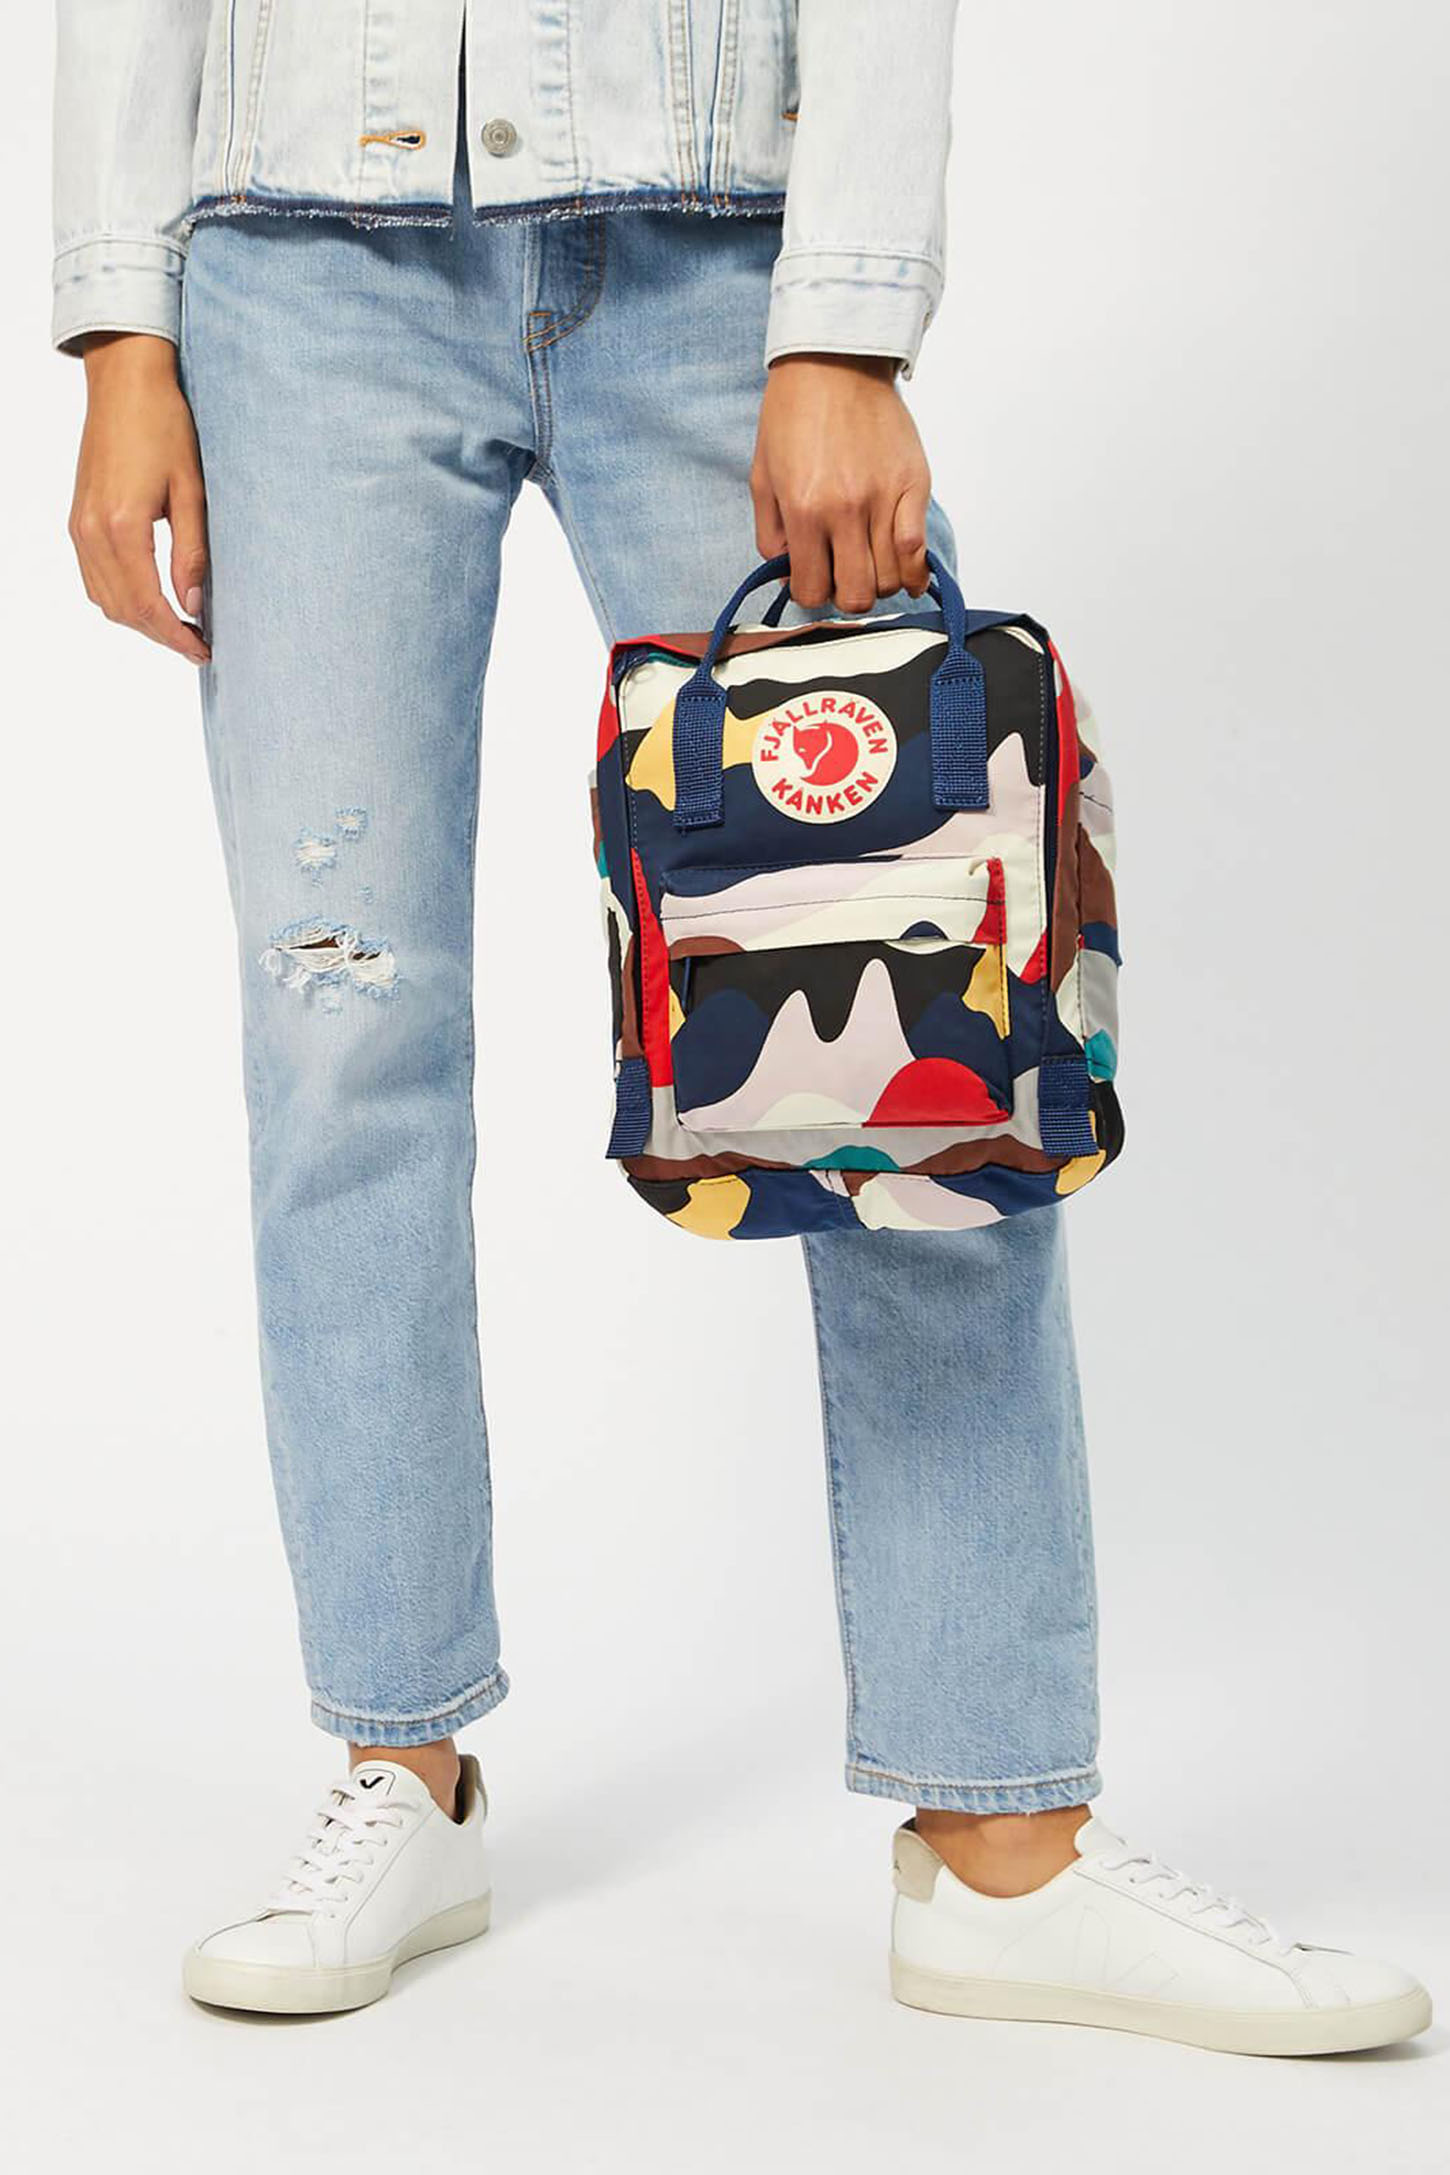 Fjallraven Art Mini bags